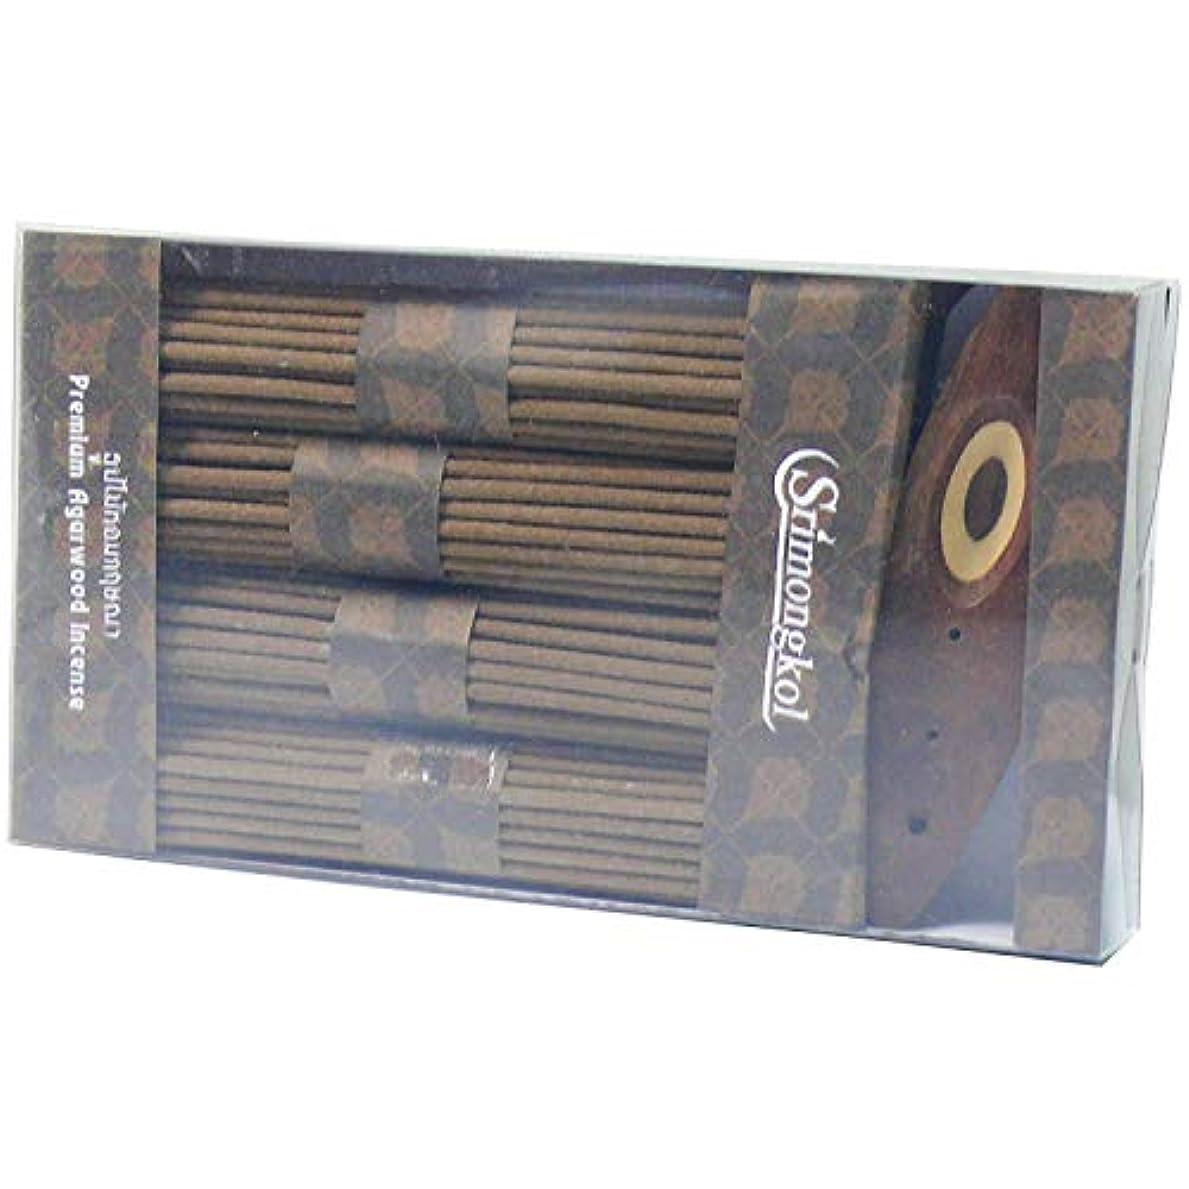 フルート近所の証人Premuim Agarwood Natural Incense Cones 200 Grams (No Chemical) :プレミアムアガーウッドナチュラル香コーン200グラム(化学薬品なし)